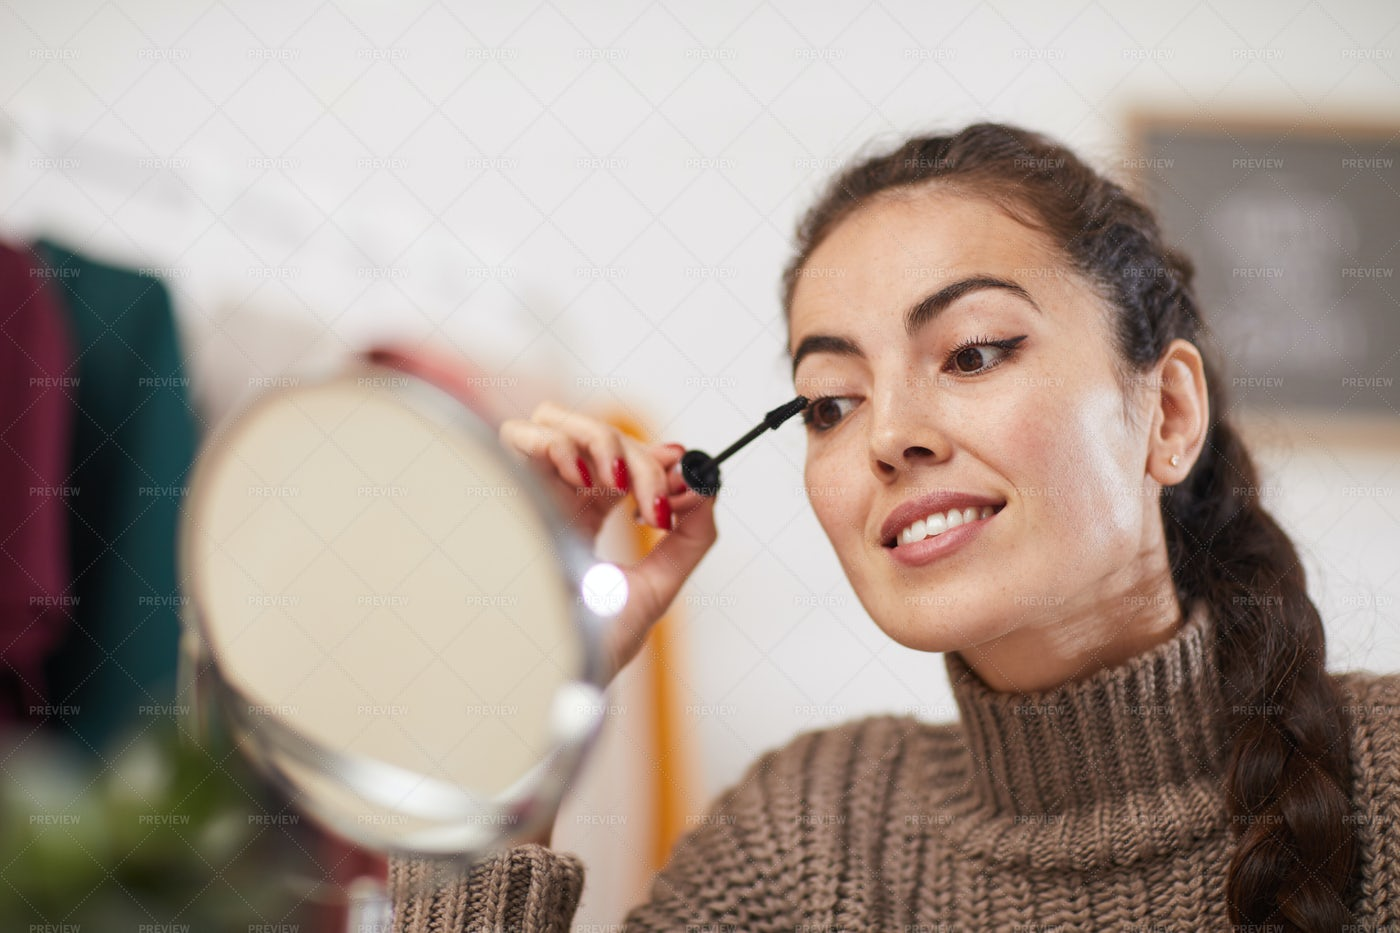 Young Woman Doing Makeup: Stock Photos